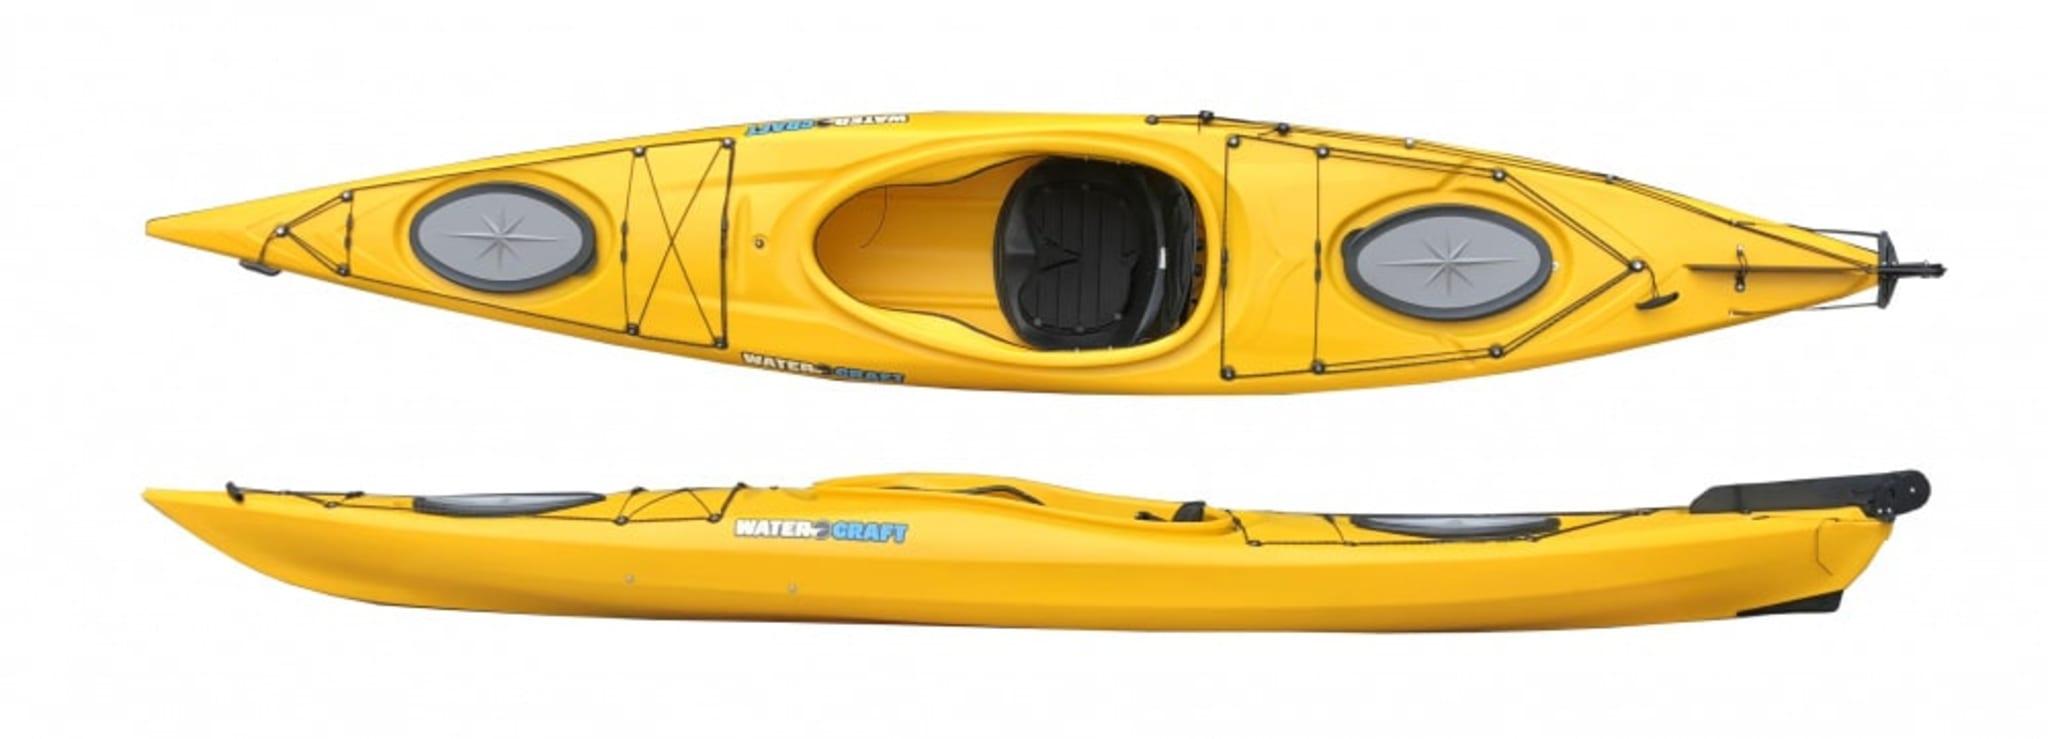 Suveren kajakk for de litt mindre eller de som ønsker en meget stabil båt - komplett med åre!